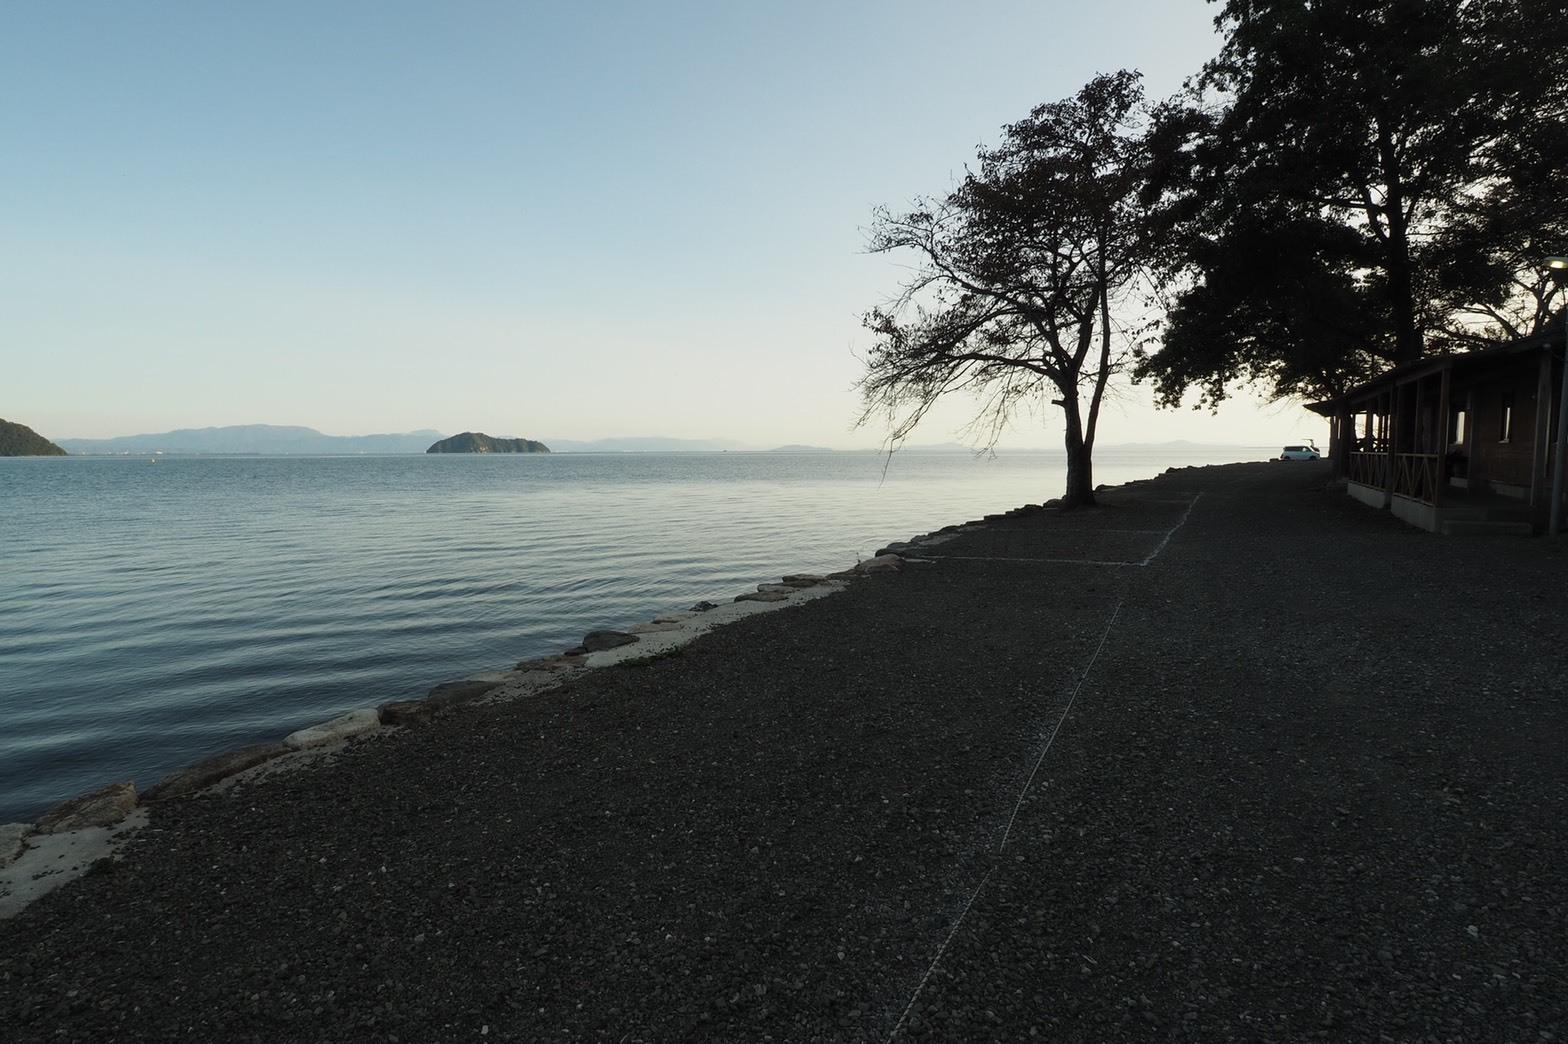 ぴきーちハーレーブログ 奥琵琶湖キャンプツーリング 二本松キャンプ場の景色